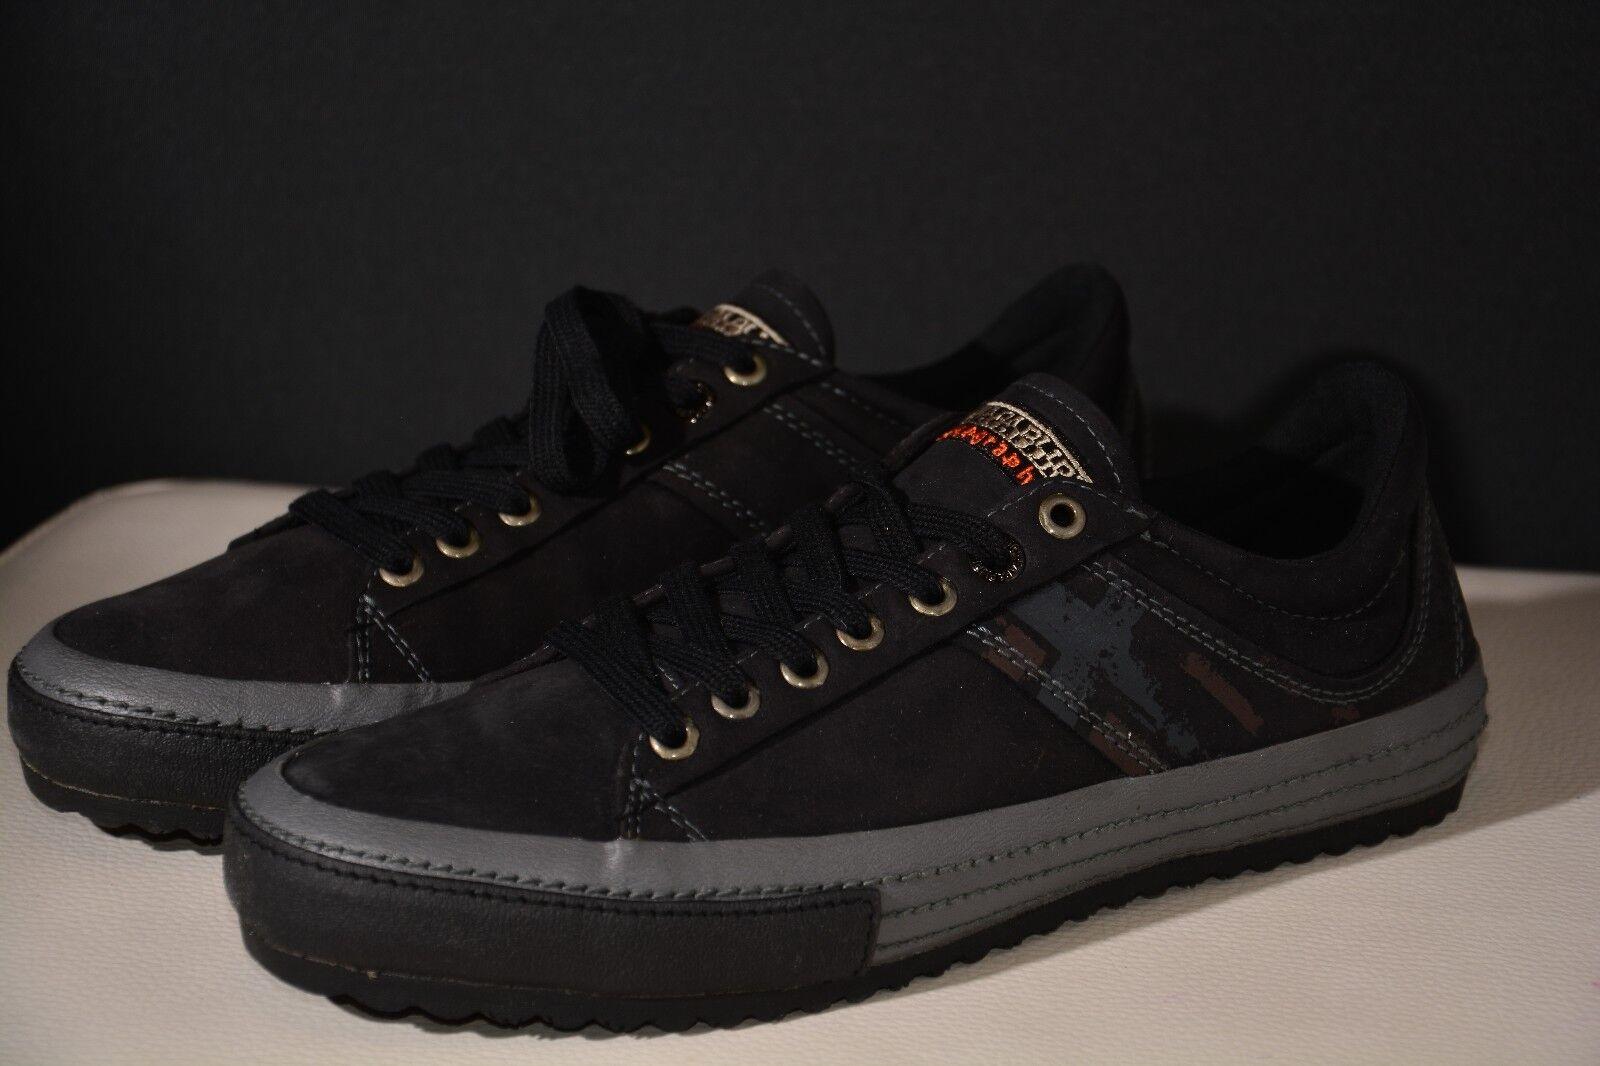 Napapijri Schuhe gr.40 in gr.40 Schuhe Leder schwarz neu! b226c1